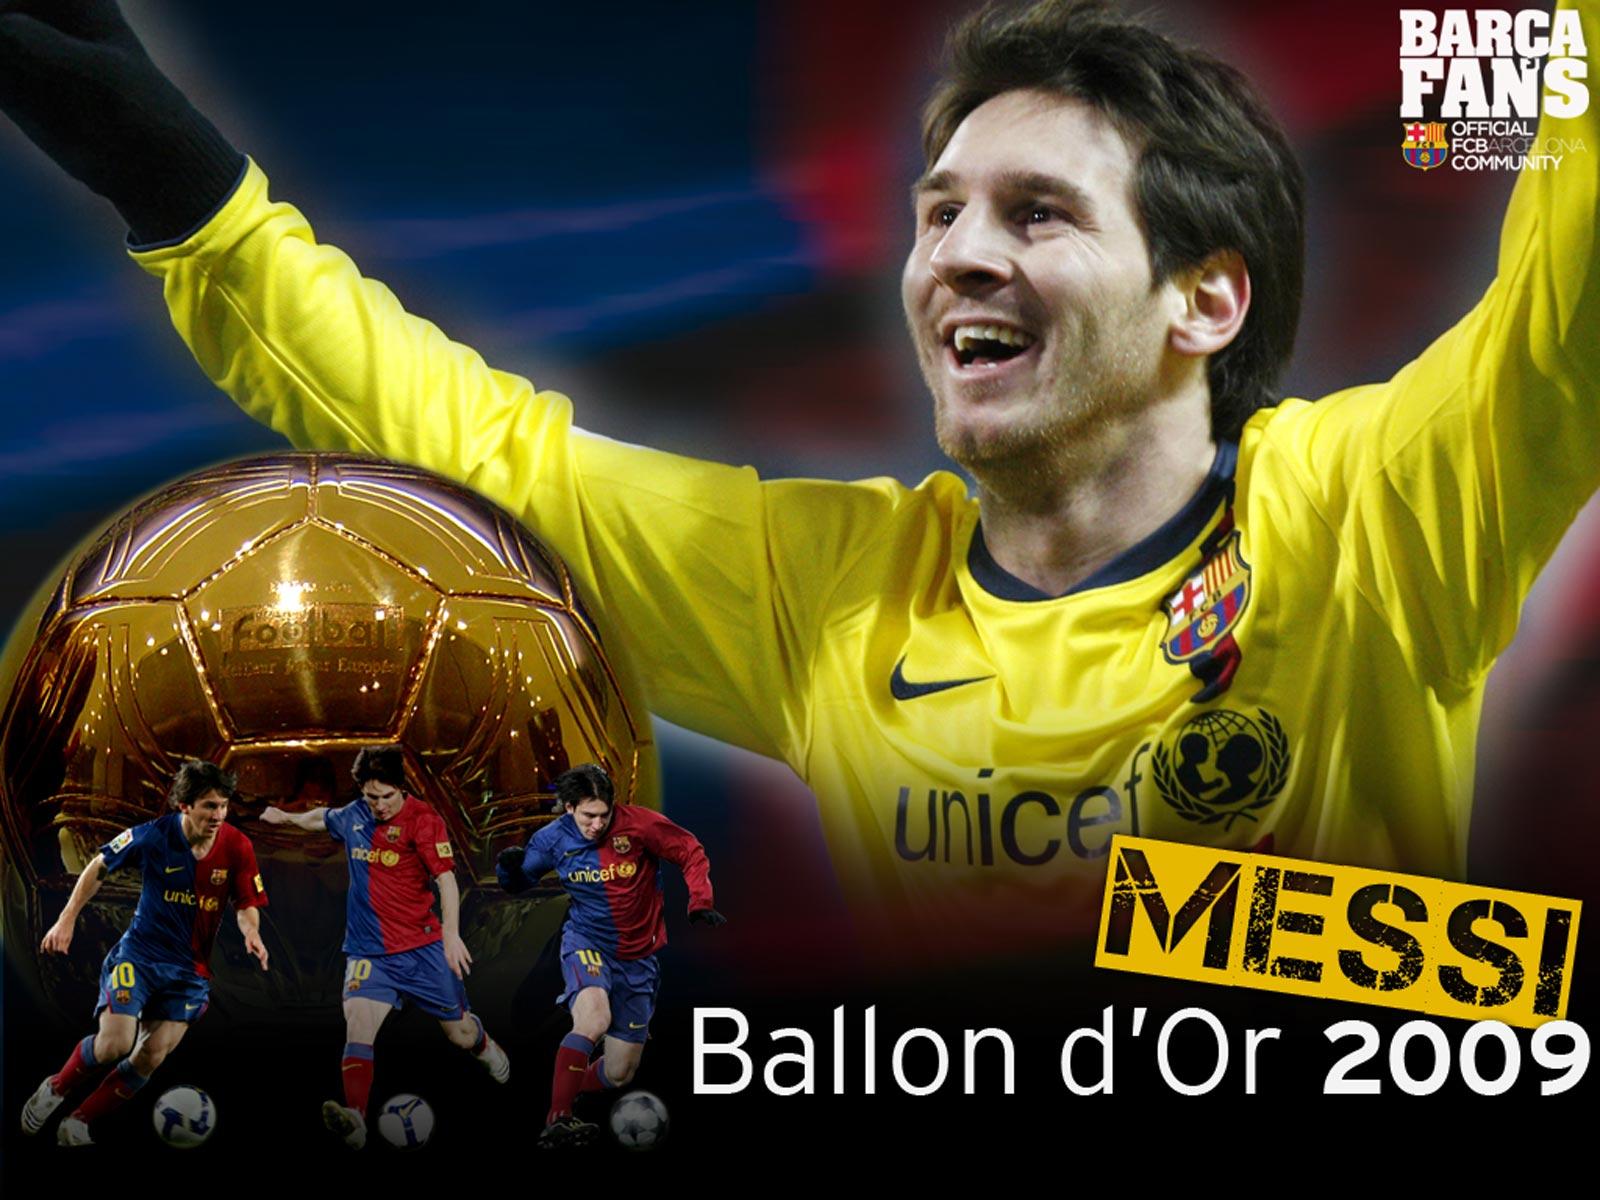 ballon d'or - photo #24